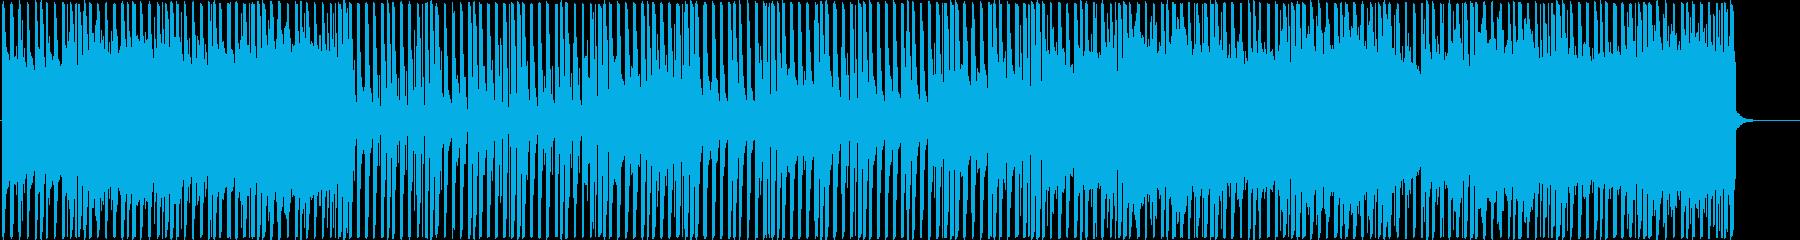 爽やかで疾走感のあるレゲエ アフロビートの再生済みの波形